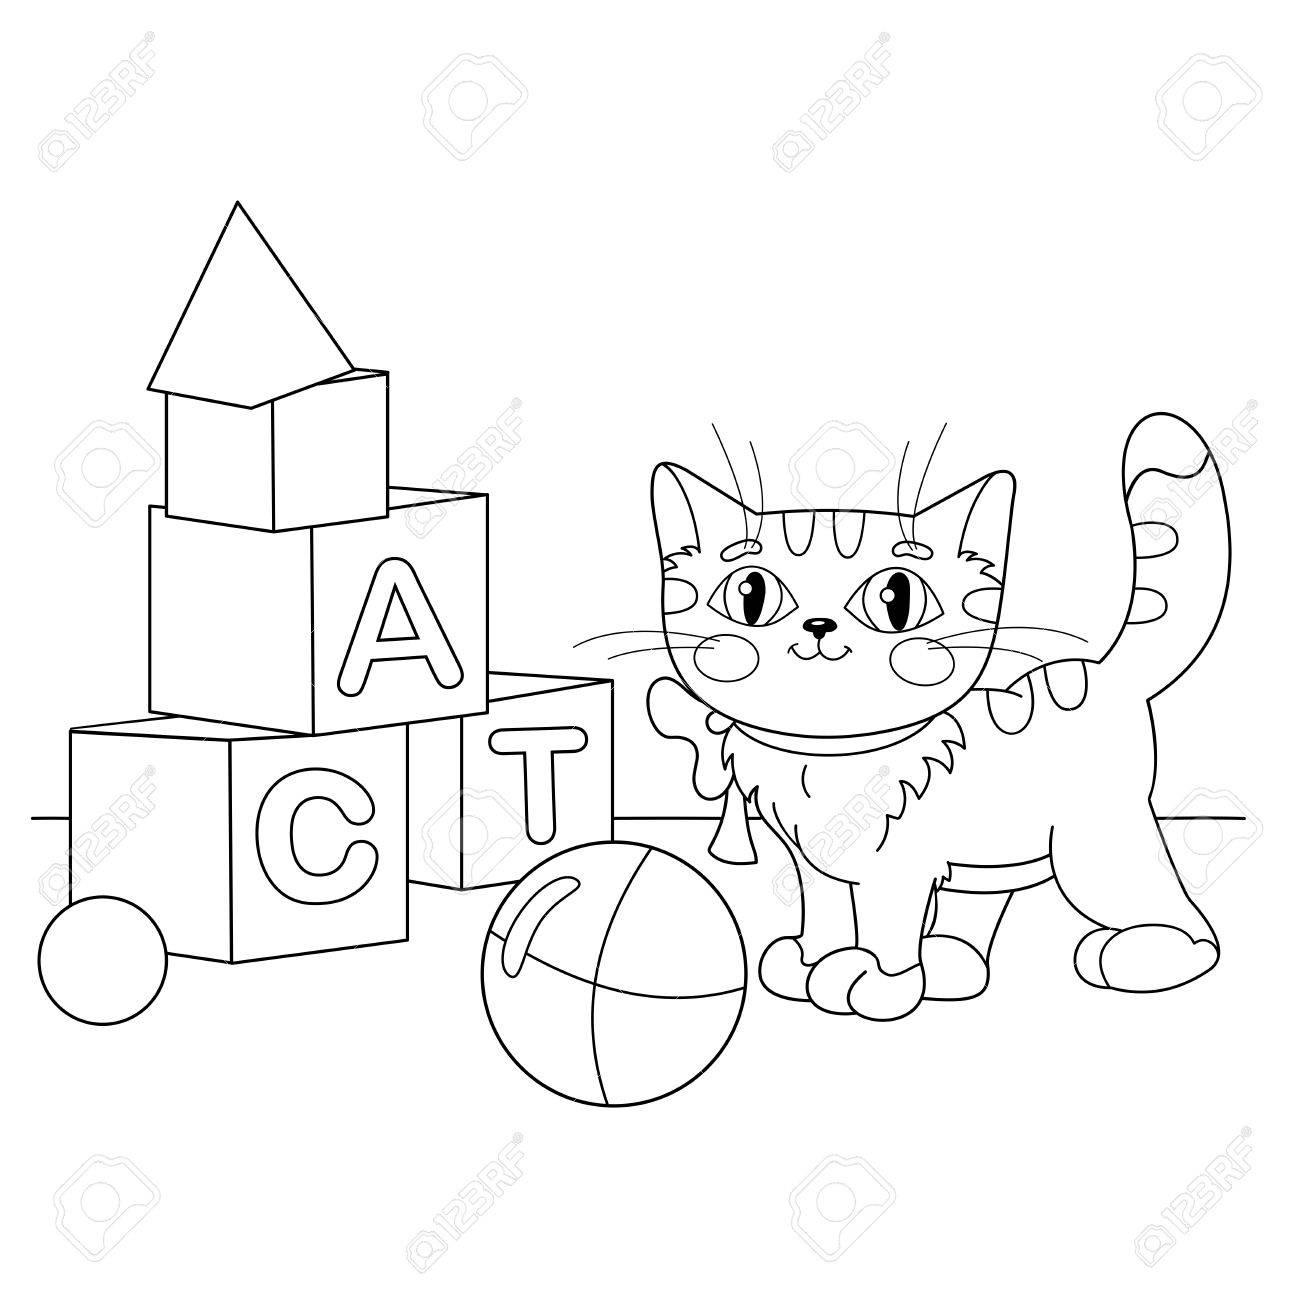 Página Para Colorear Esquema De Dibujos Animados Del Gato Jugando Con Juguetes Libro De Colorear Para Niños